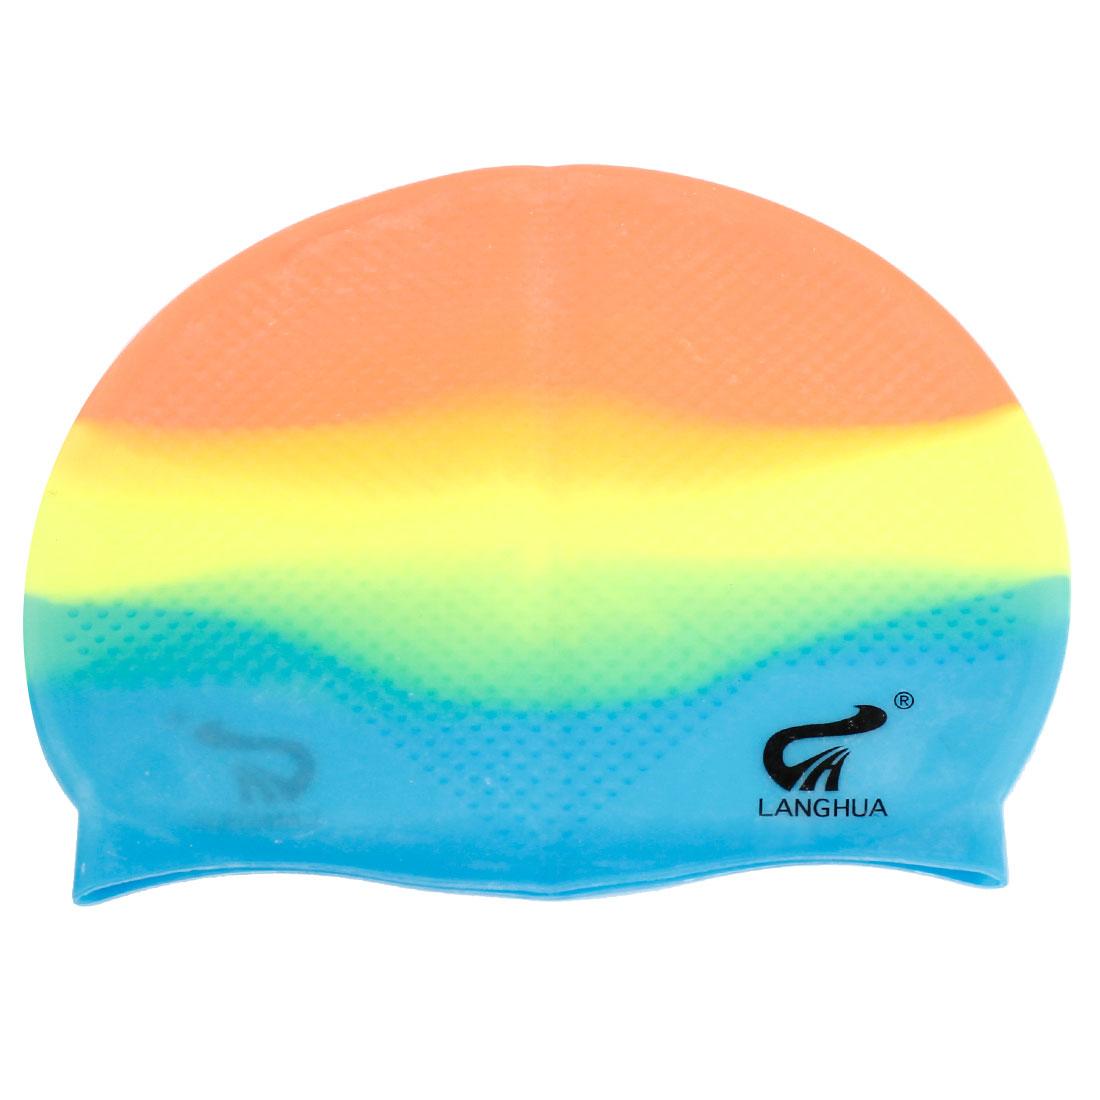 Tricolor Soft Silicone Antislip Swimming Swim Cap Hat for Unisex